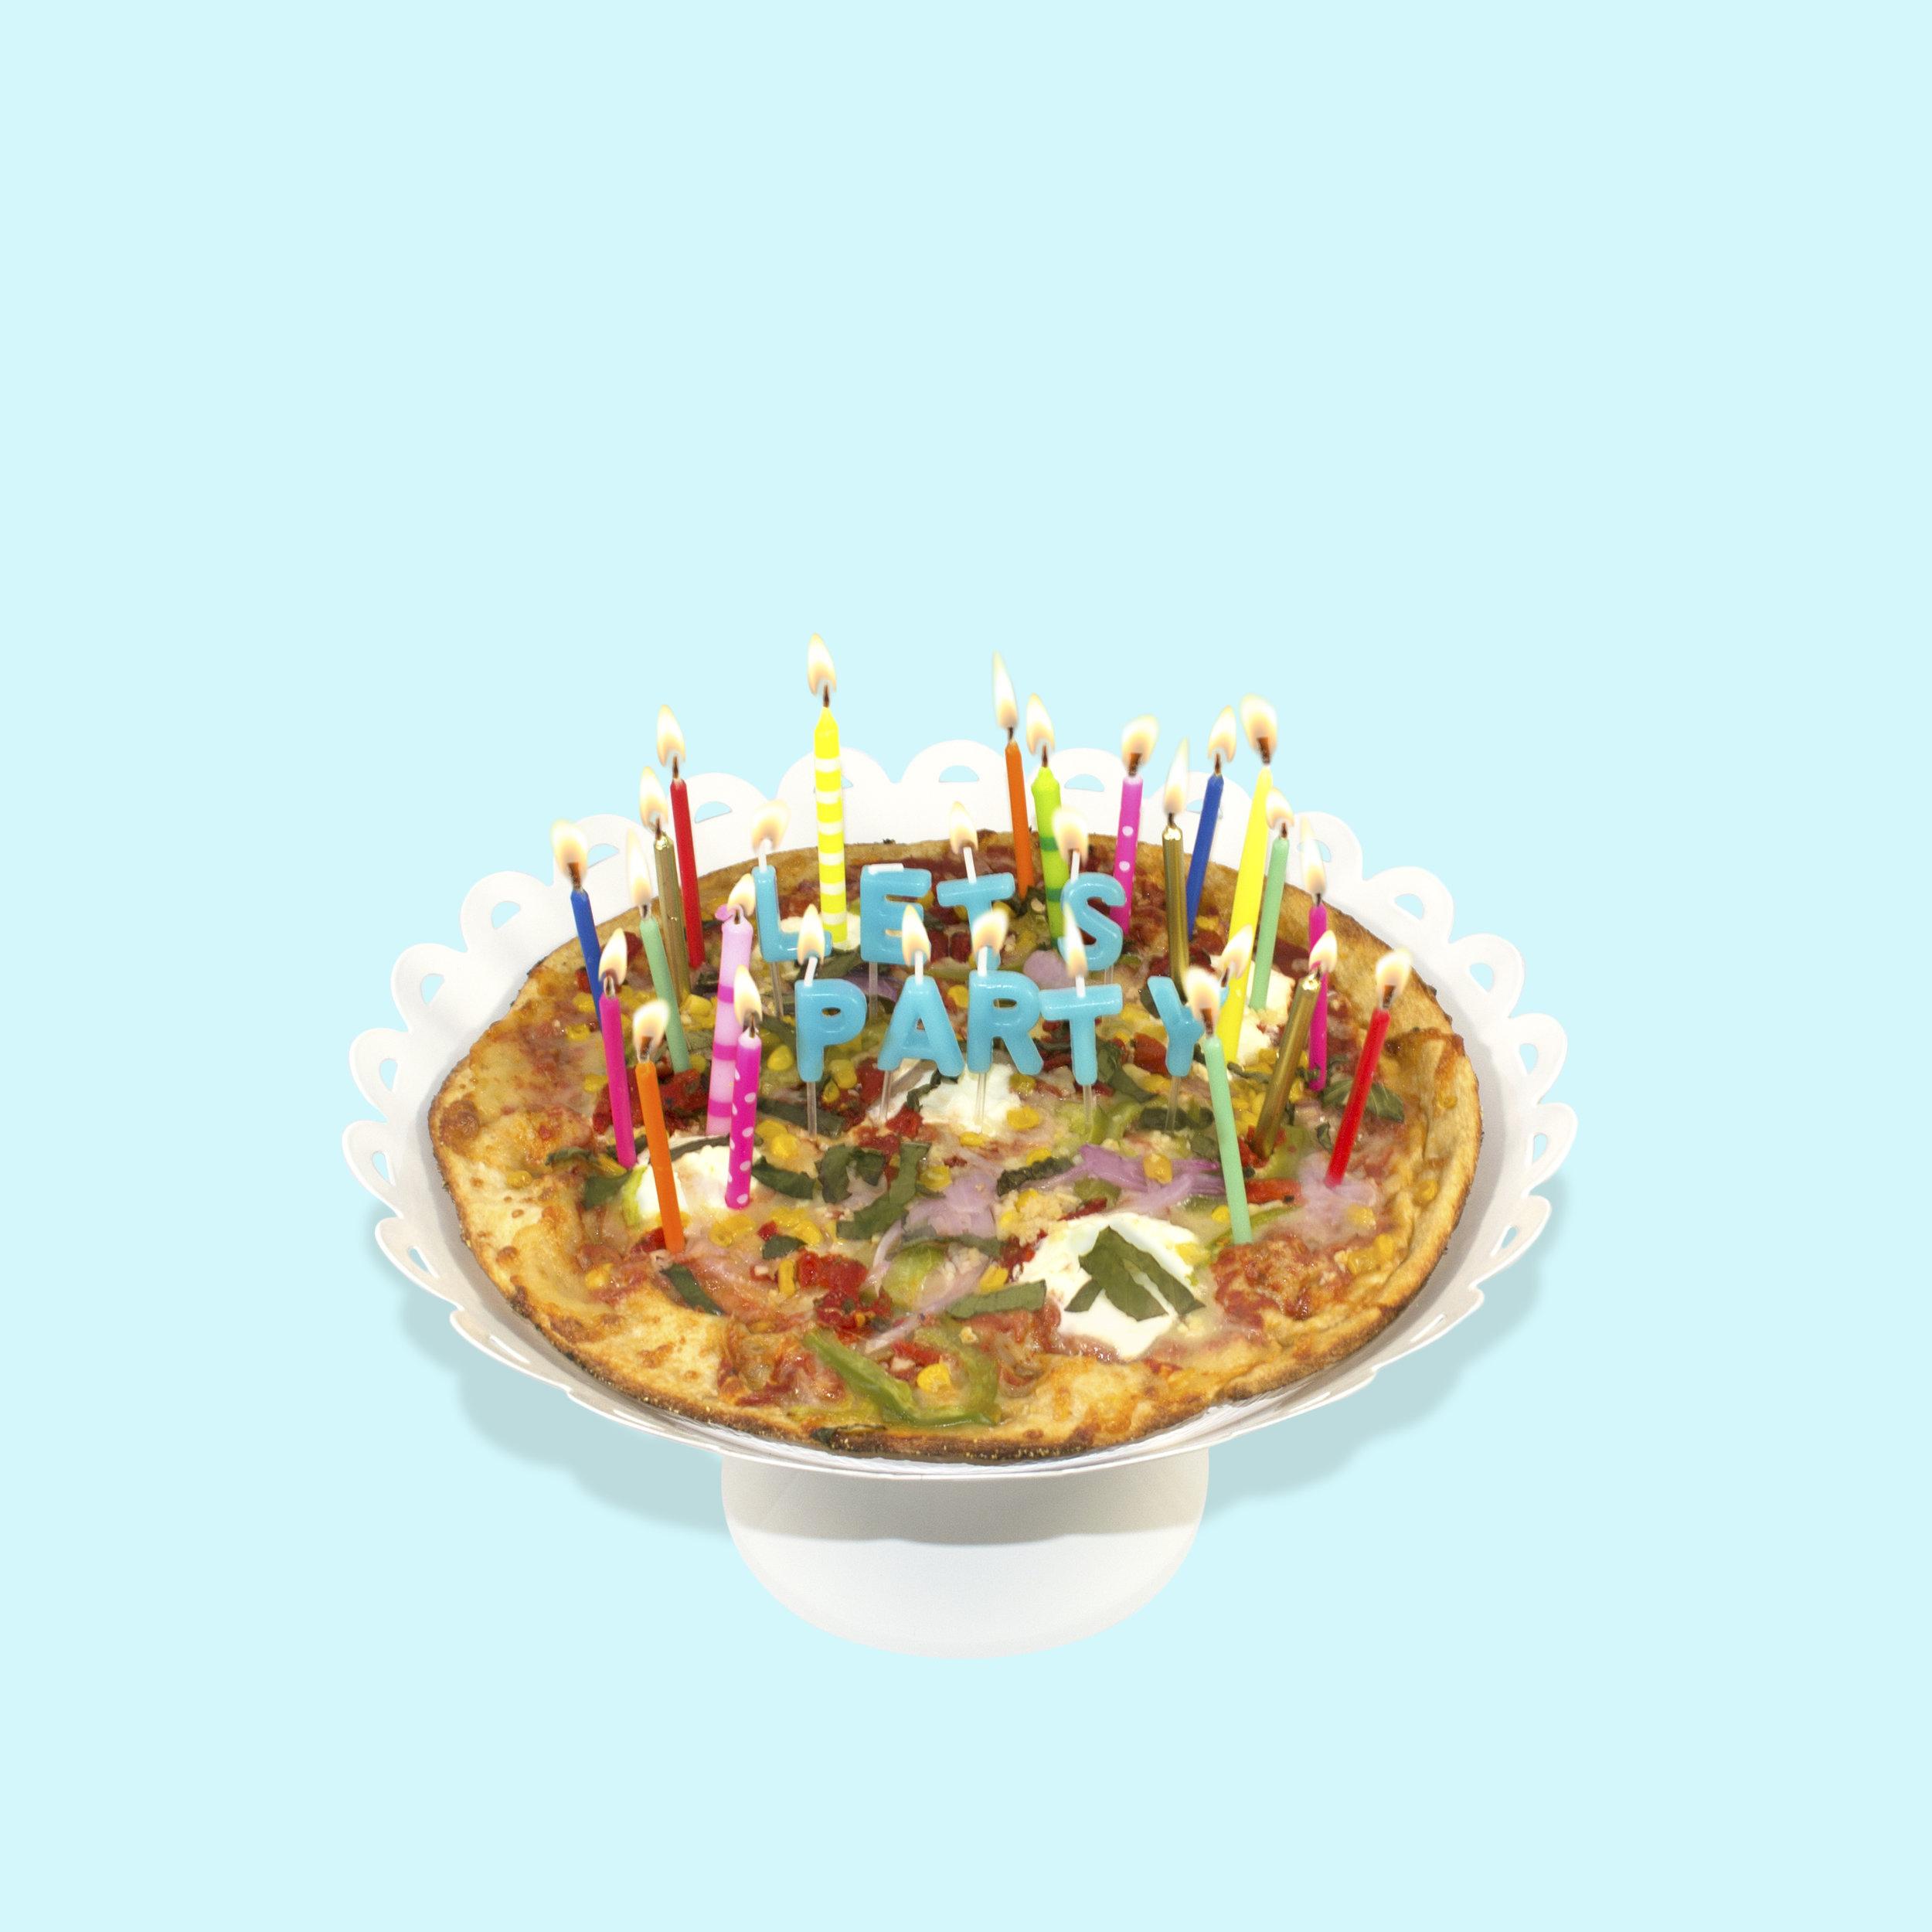 pieology-pizza-cake-still.jpg